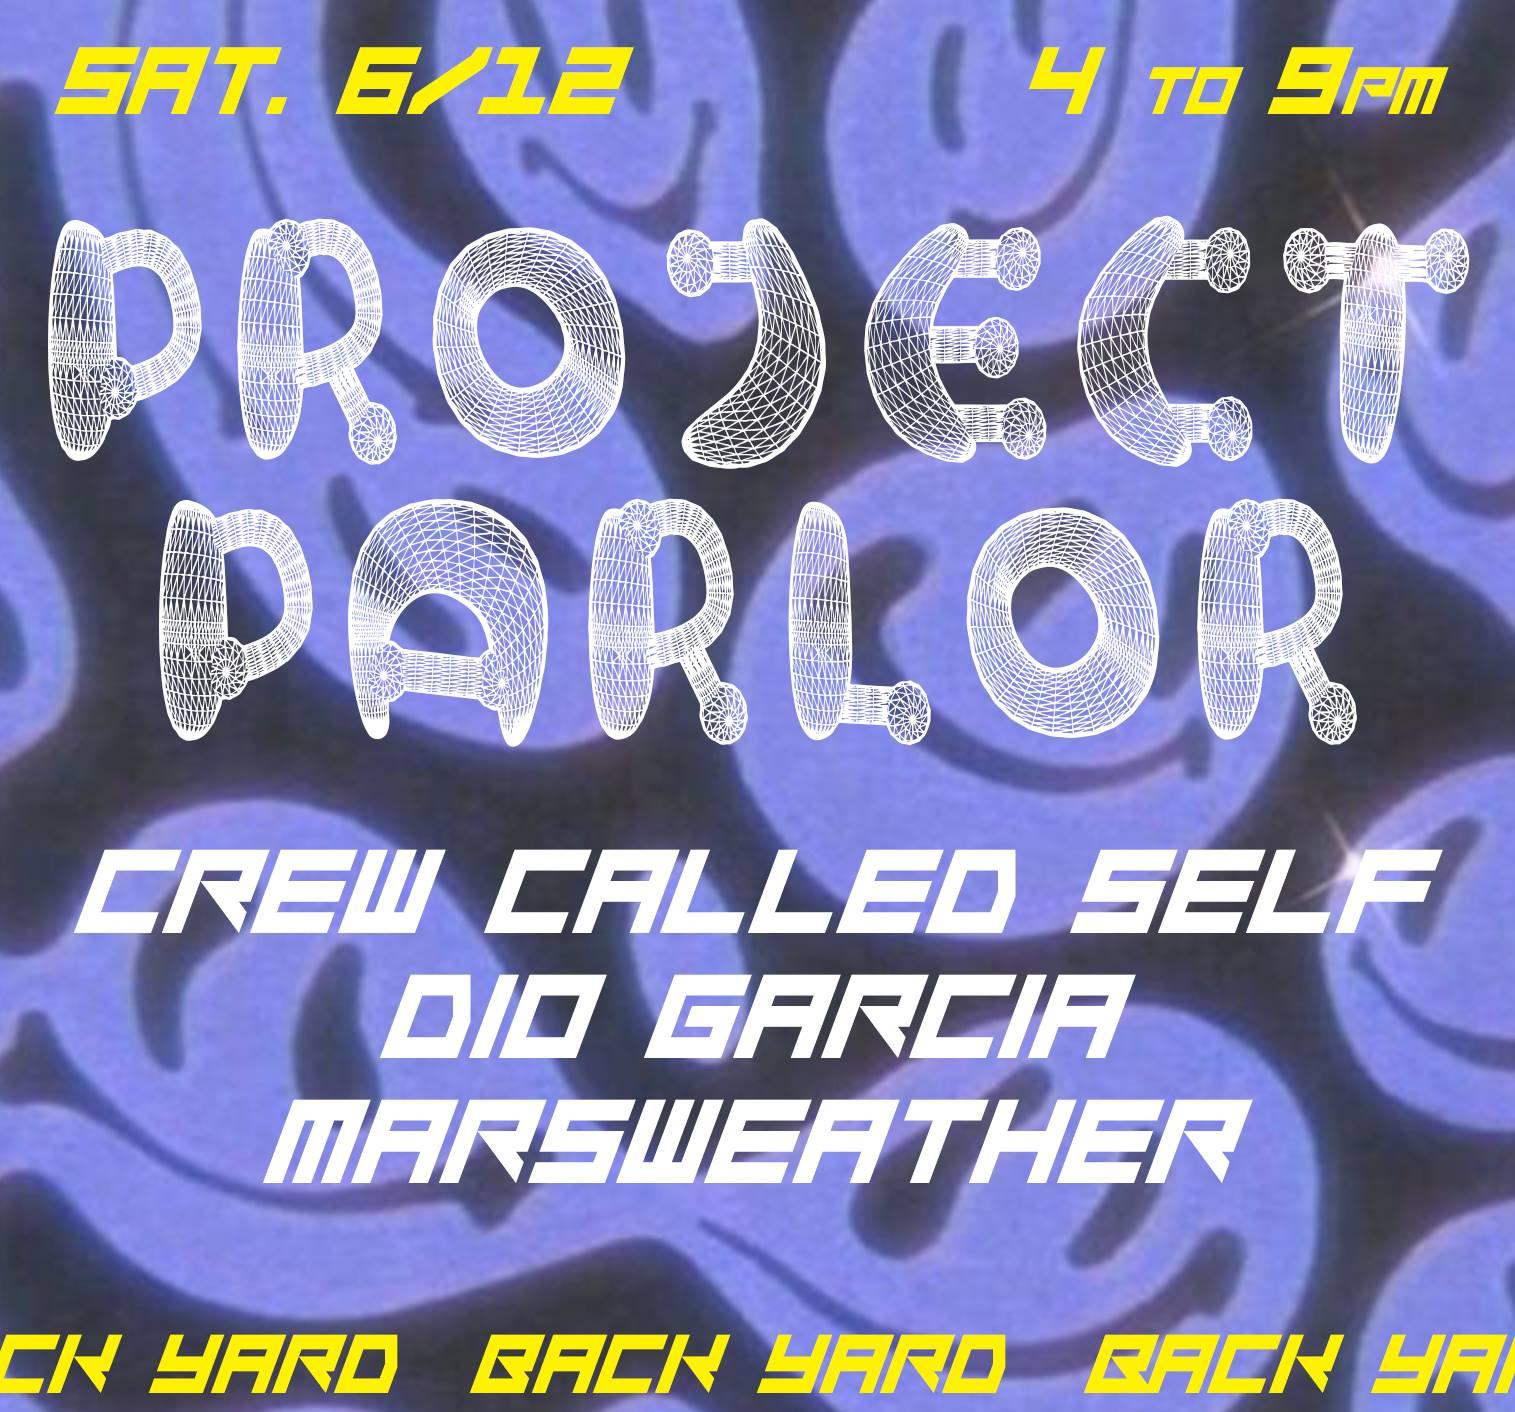 DJs Crew Called Self Dio Garcia Mars Weather